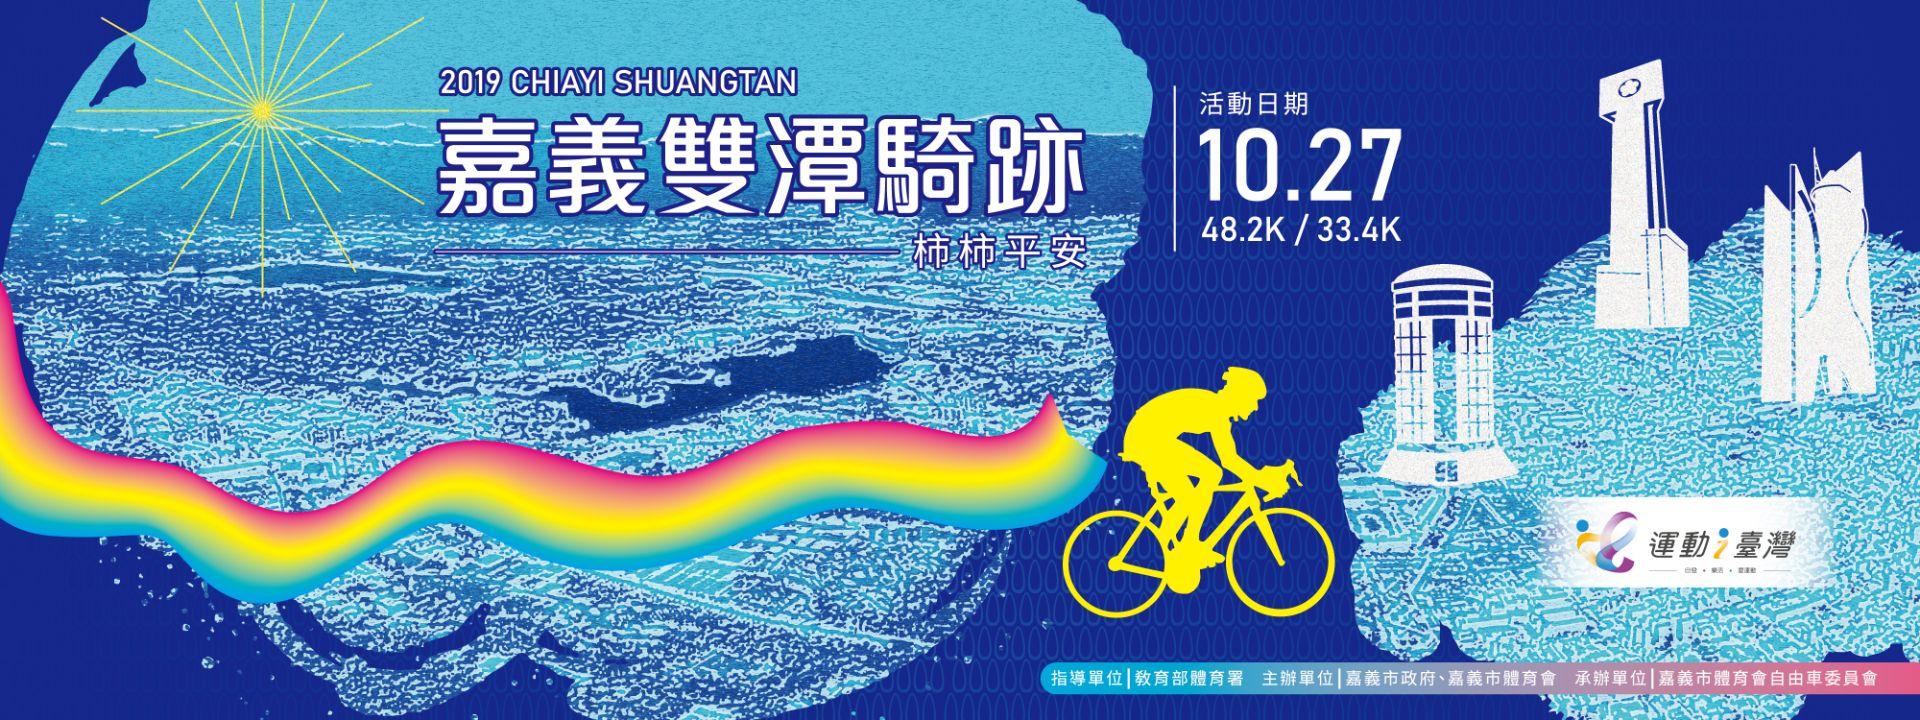 2019 嘉義雙潭騎跡-柿柿平安